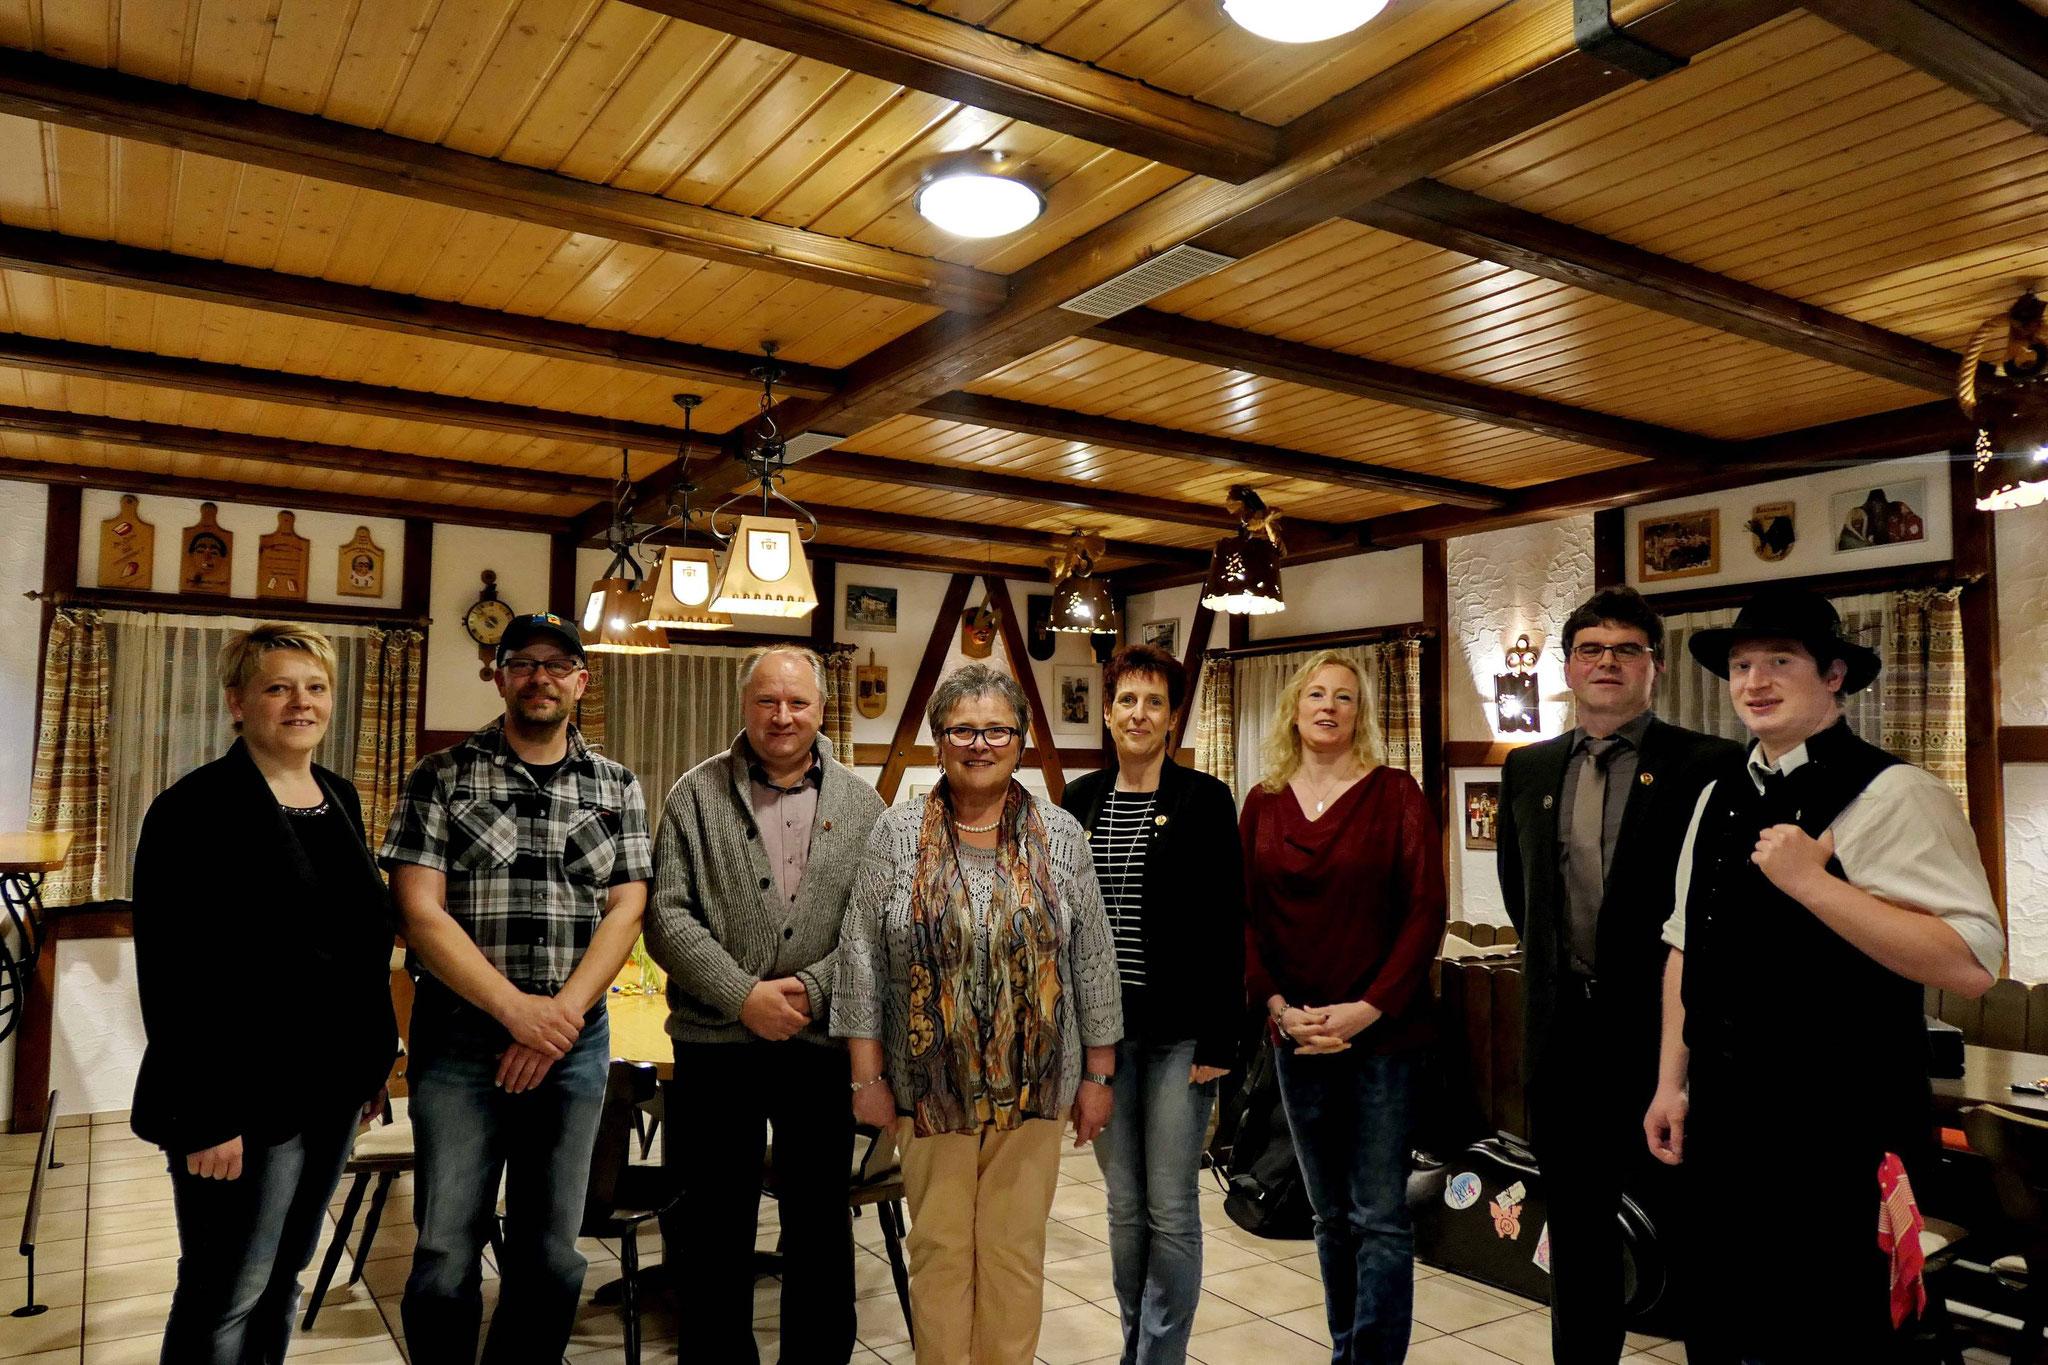 Die Vorstände samt Geehrten und dem Vertreter des Trachtengau Schwarzwald